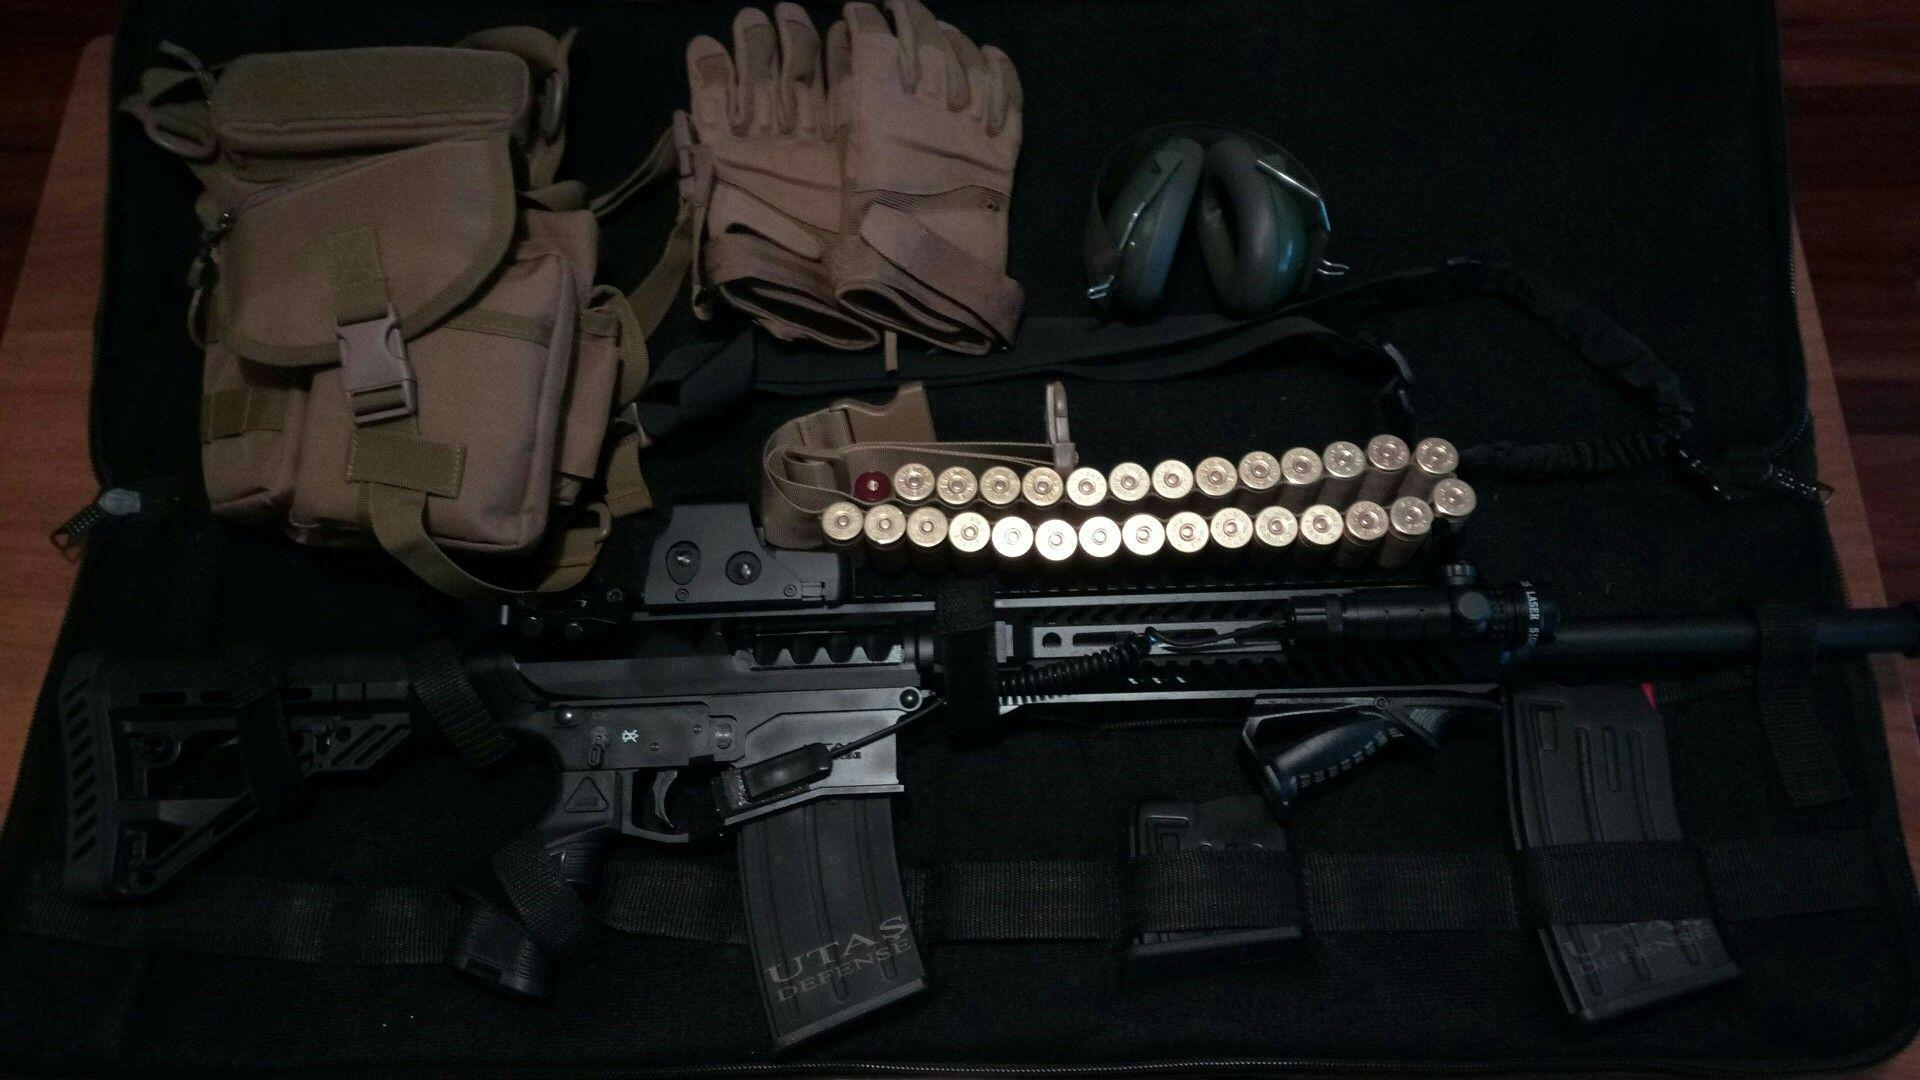 UTAS XTR 12 España  | La barredora! | Guns, Firearms